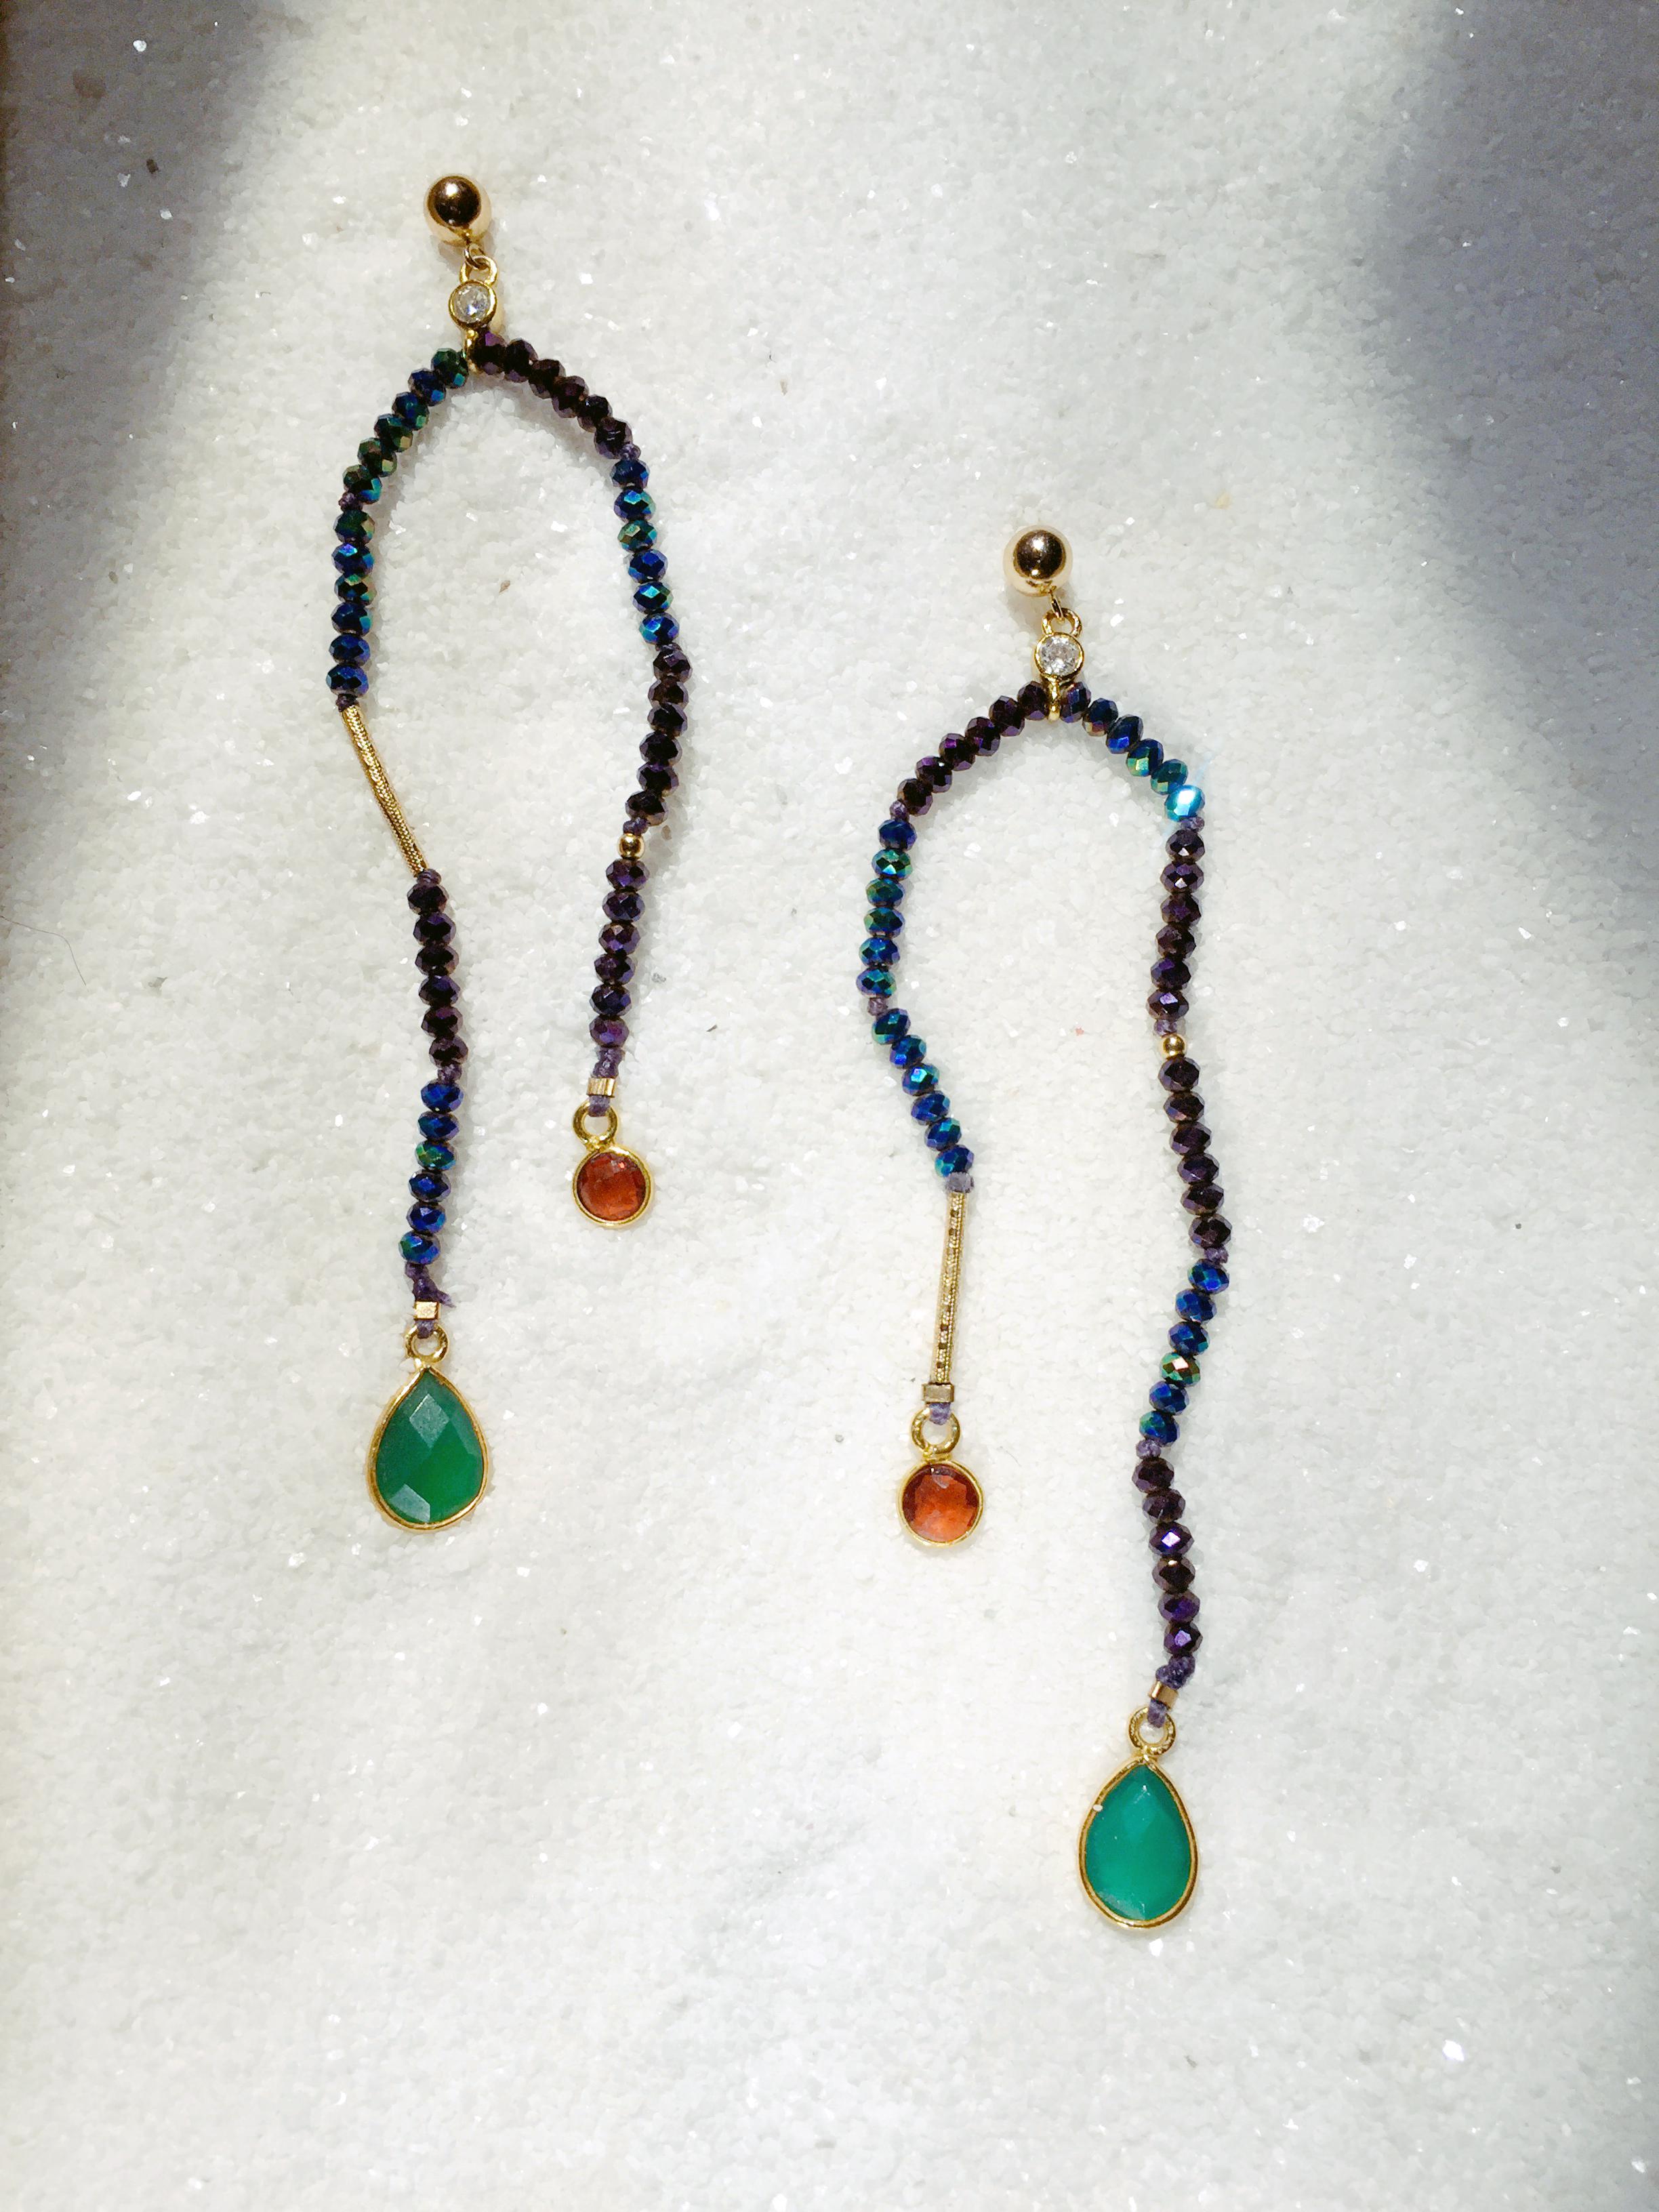 - Gemstone mobile earrings by Elisa Watson-Smith.